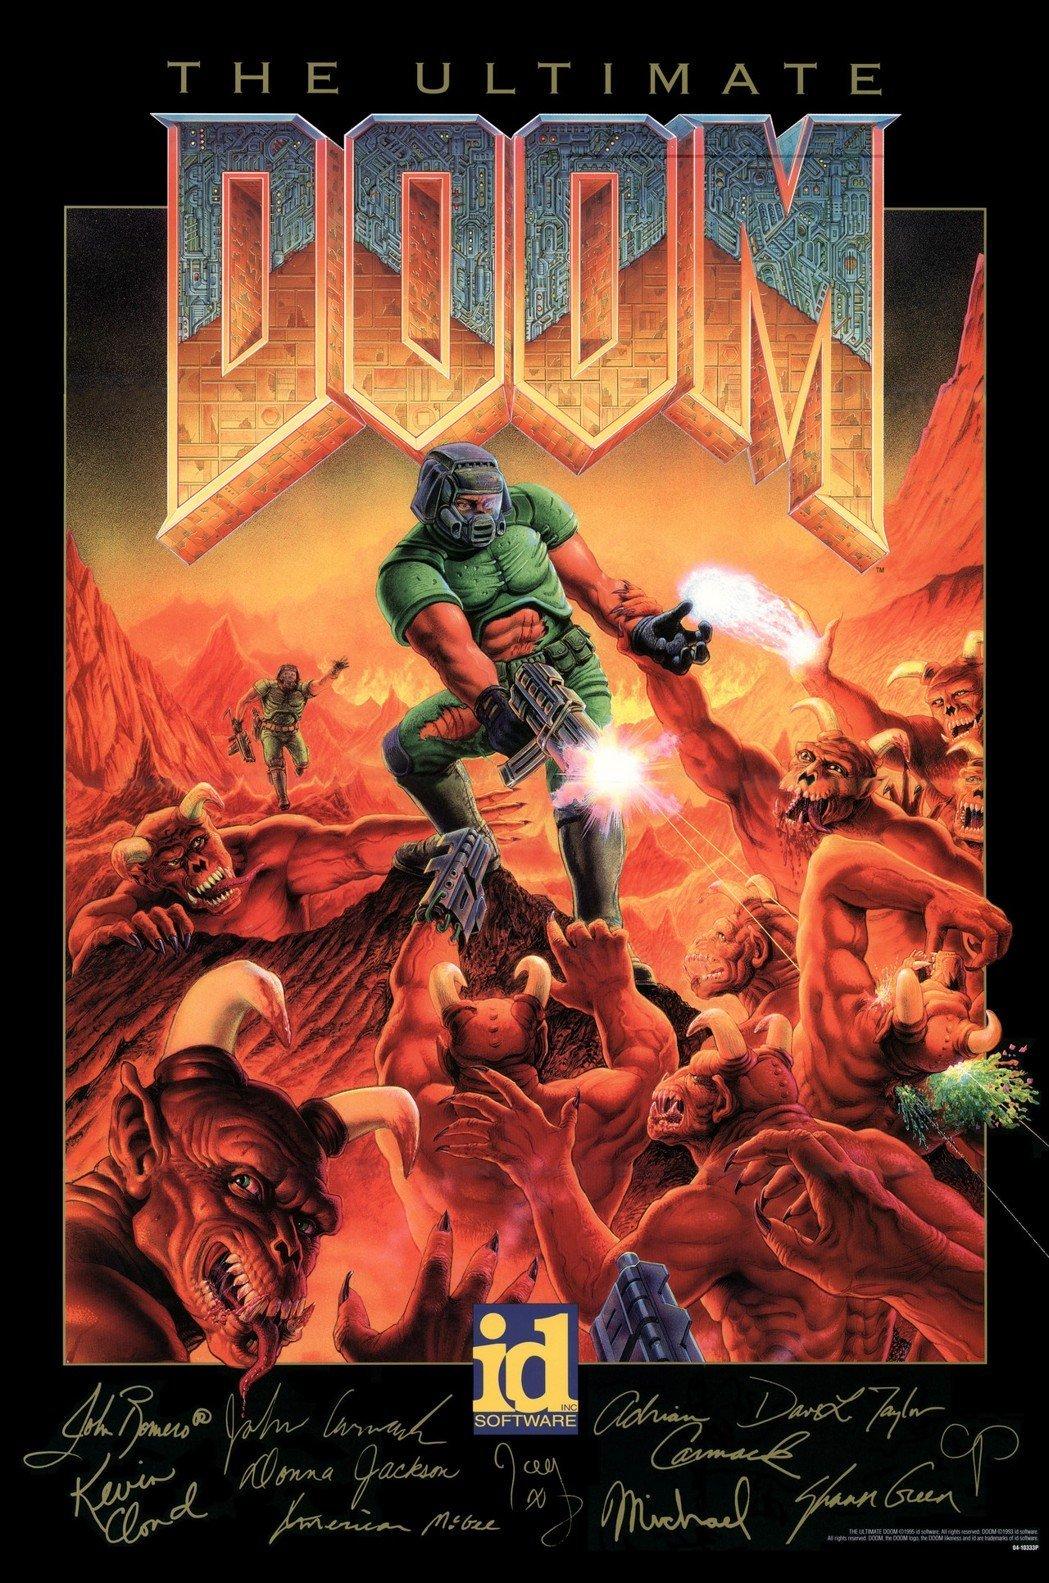 经典FPS游戏《毁灭战士》的那些事儿:两个叫约翰的游戏制作人的故事!